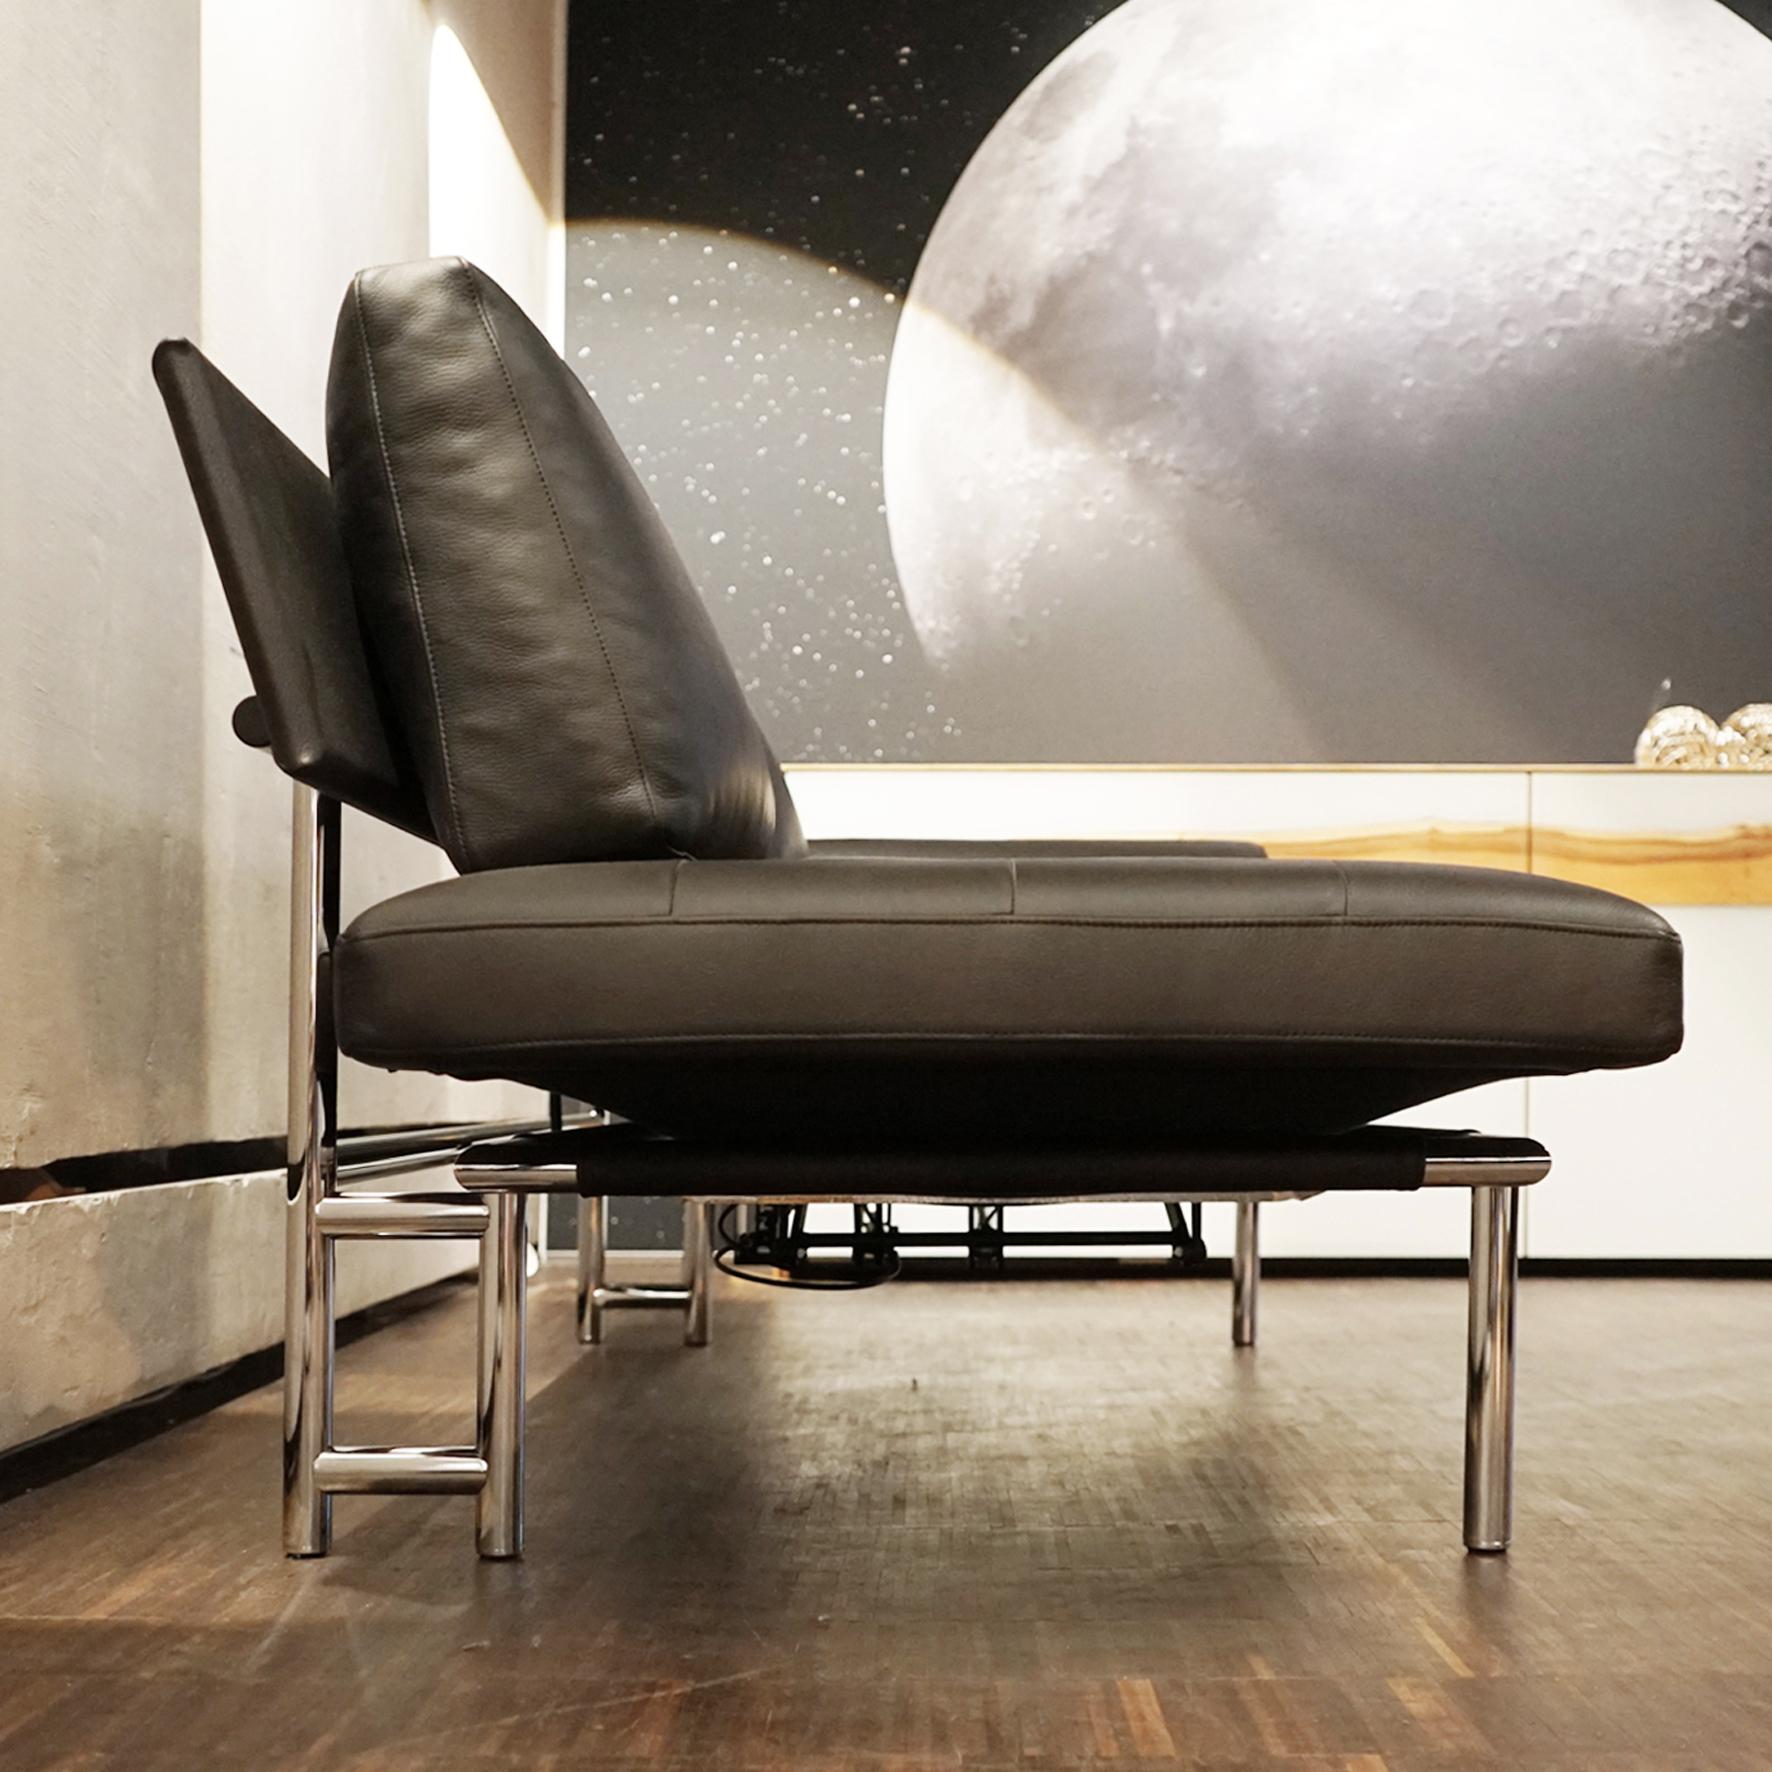 Full Size of Designer Liege Sofa Campus De Luxe Polstermbel Mbel Lampen Esstisch Relaxliege Wohnzimmer Betten Liegestuhl Garten Schlafsofa Liegefläche 160x200 180x200 Wohnzimmer Designer Liege